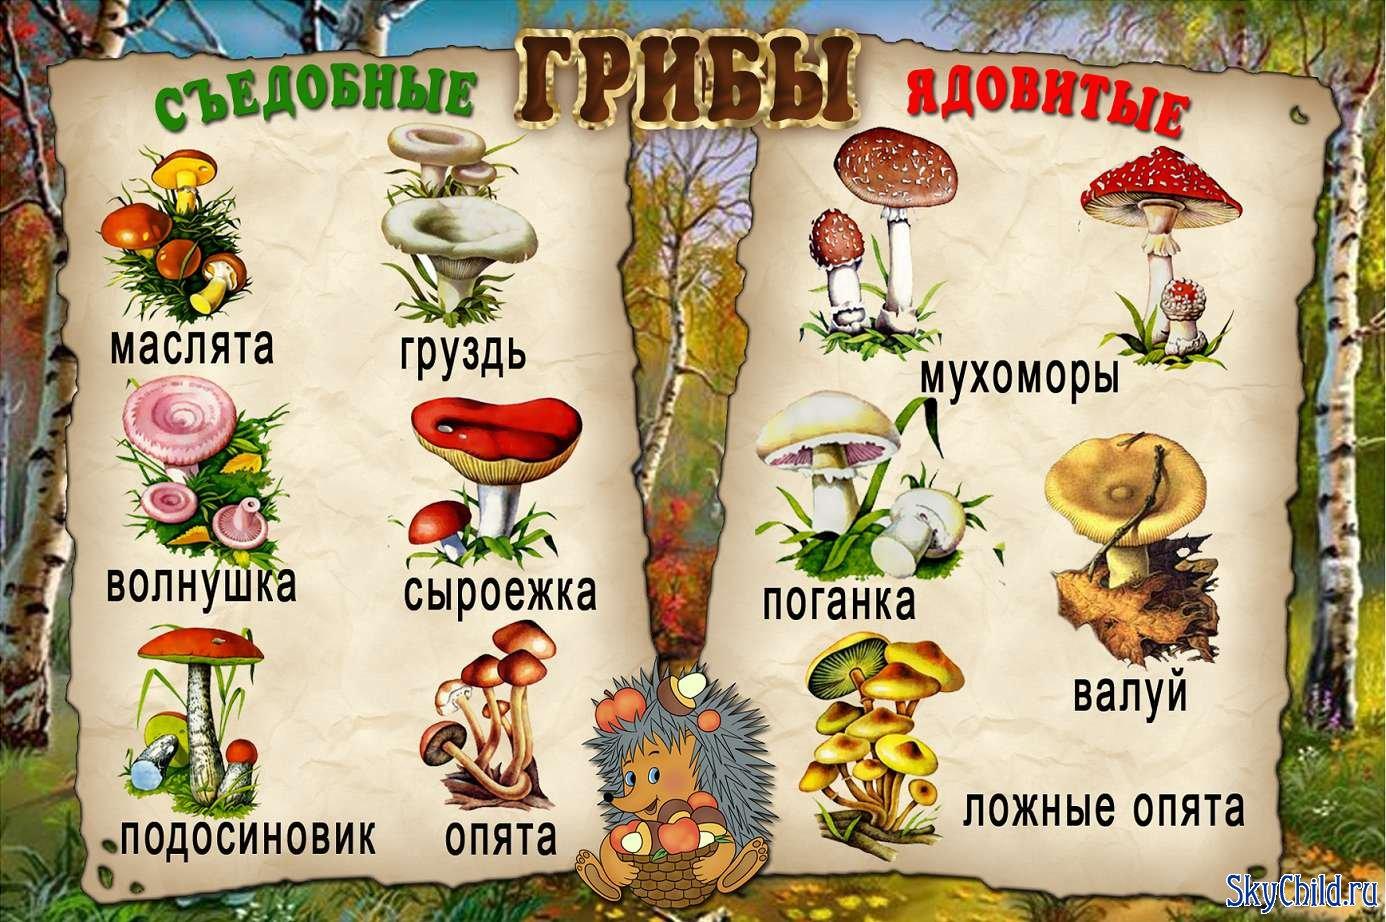 Съедобные грибы  Описание грибов  Грибные блюда